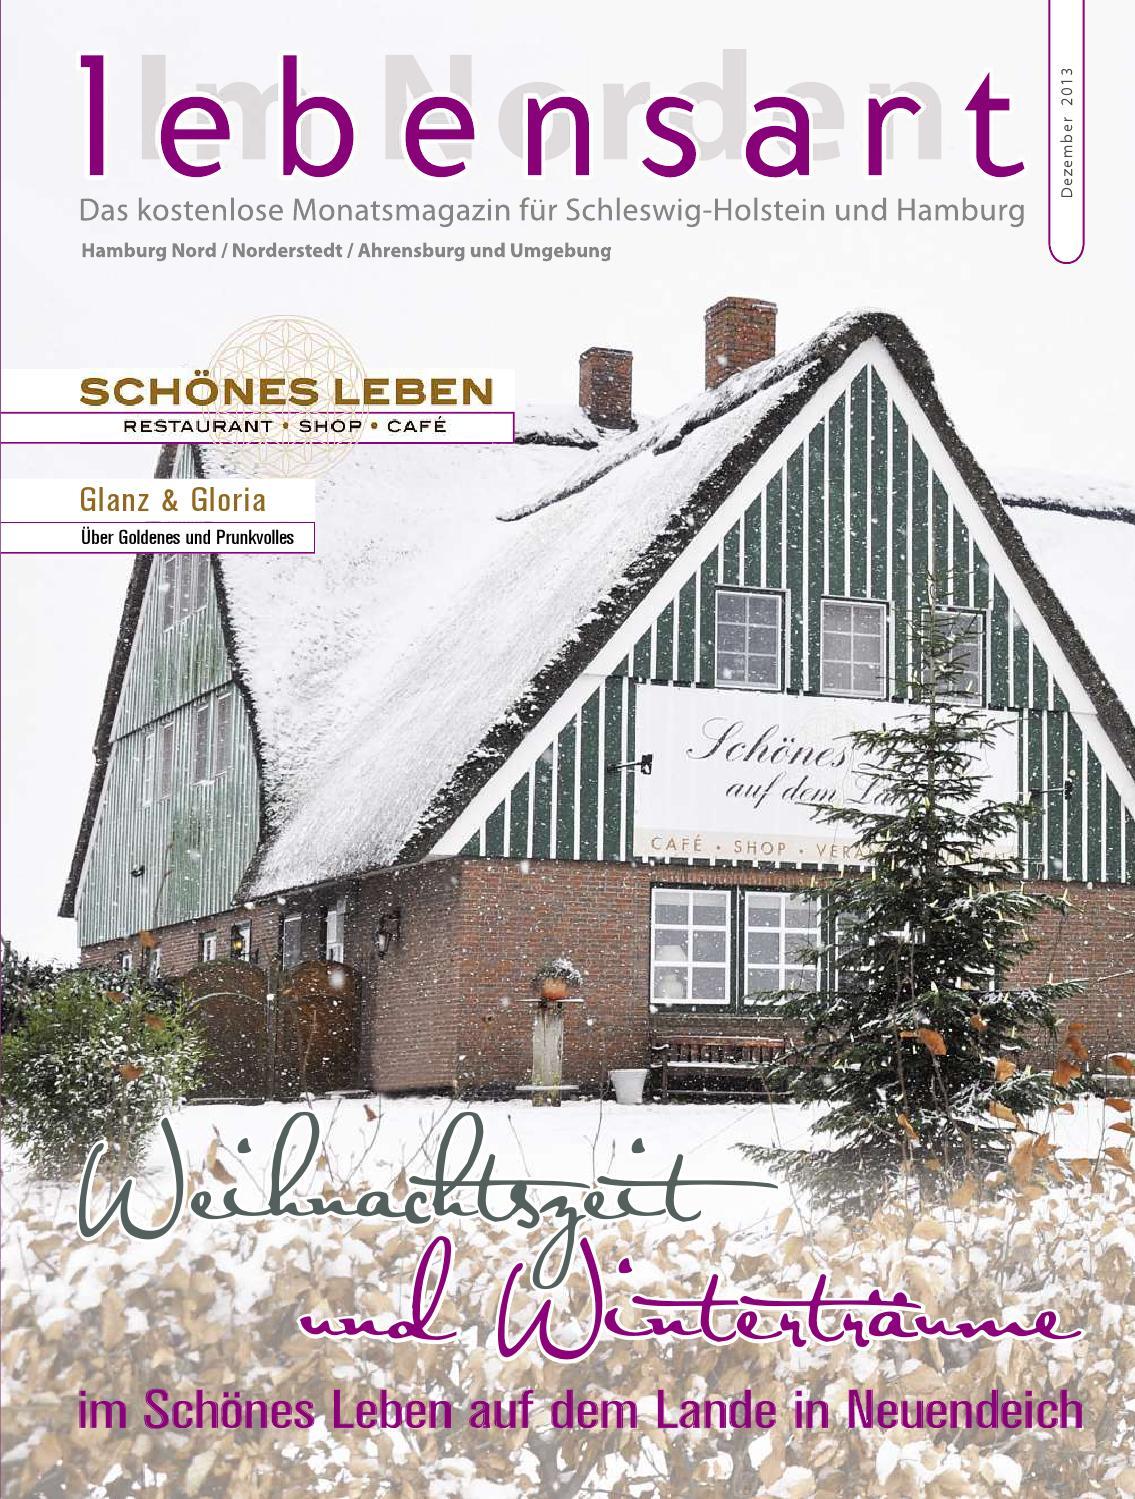 Web hh n by Verlagskontor Schleswig-Holstein - issuu